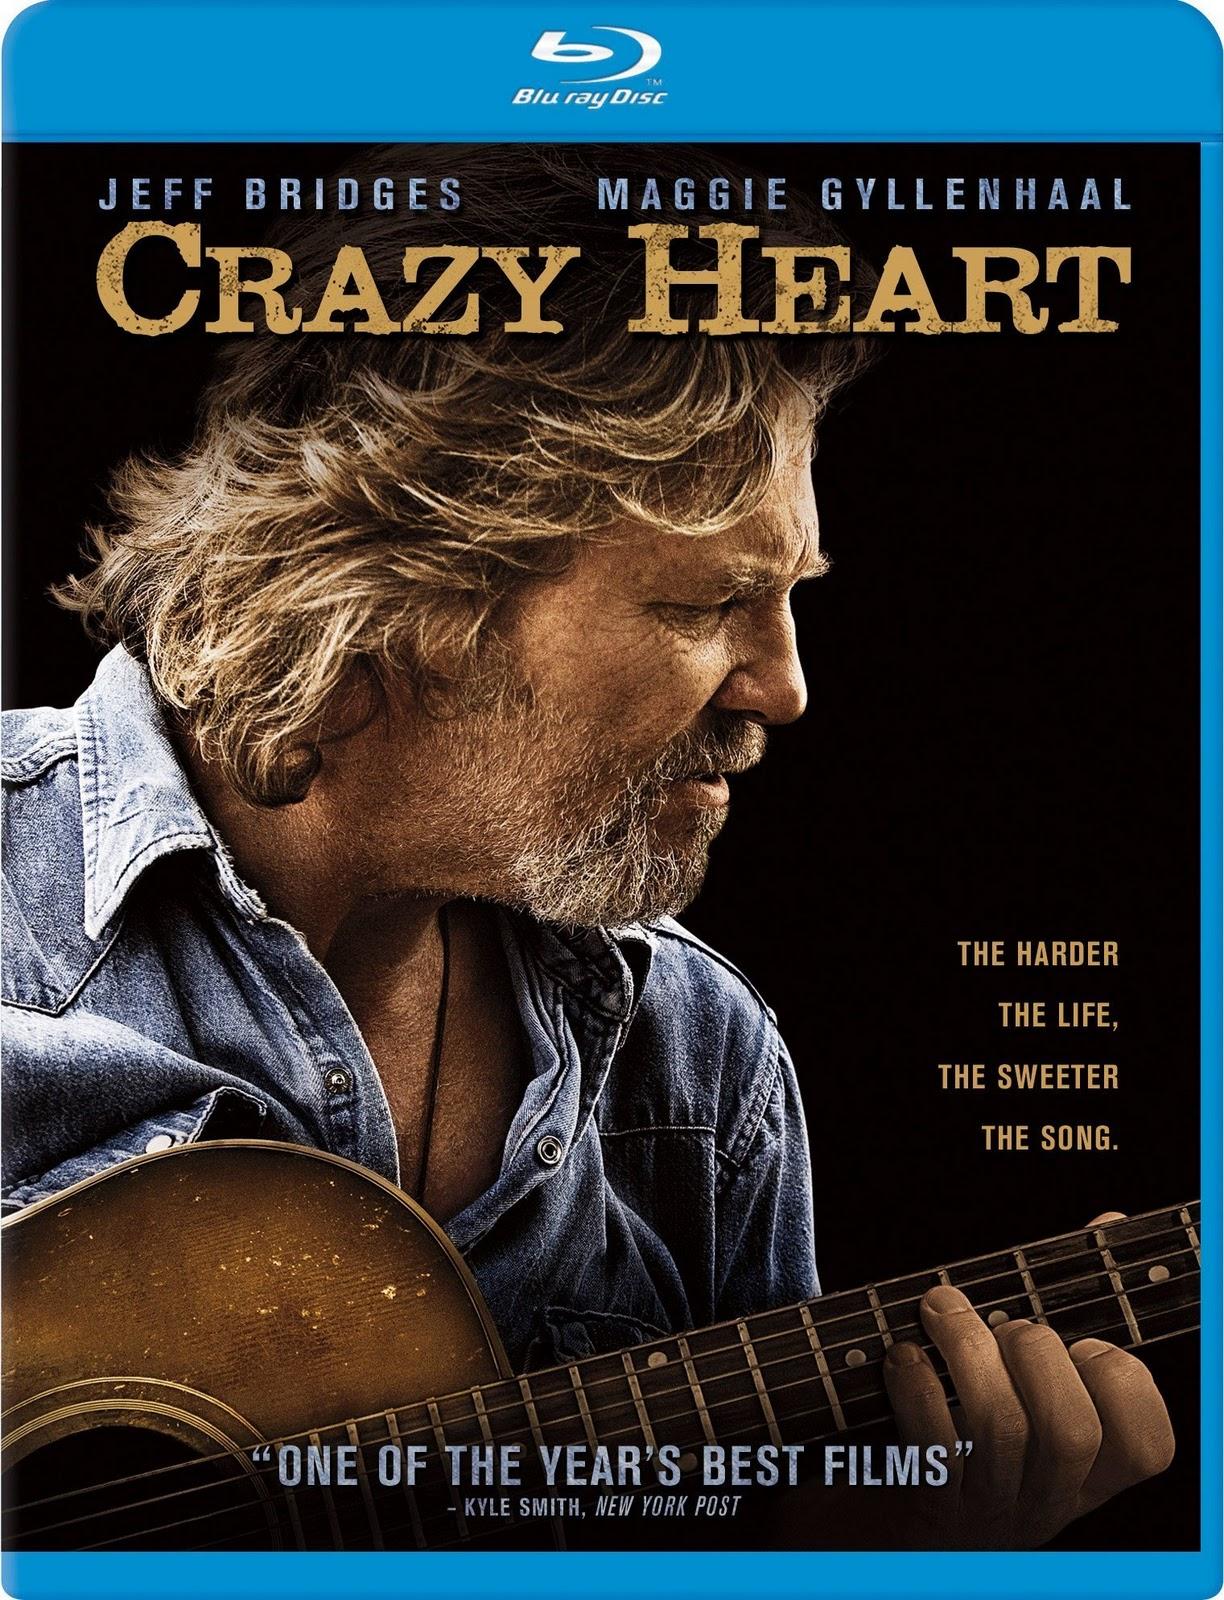 http://3.bp.blogspot.com/_j7CBBTUIT5g/TFE6OwdAuHI/AAAAAAAABQo/cM5S79-VgLo/s1600/Crazy-Heart+BR.jpg